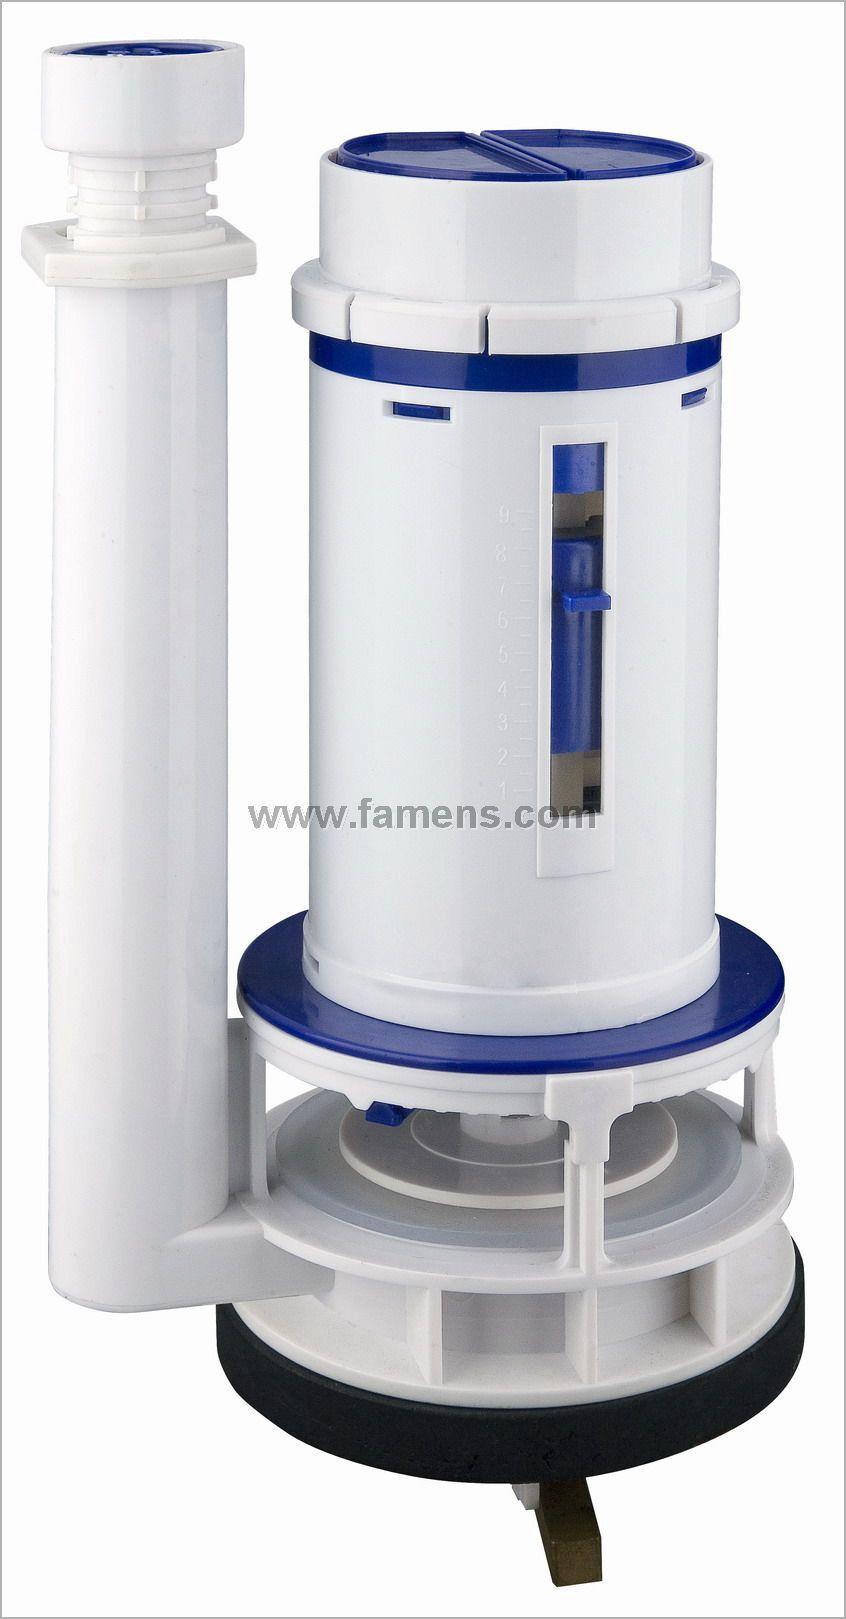 马桶水箱配件安装图 马桶水箱配件安装图